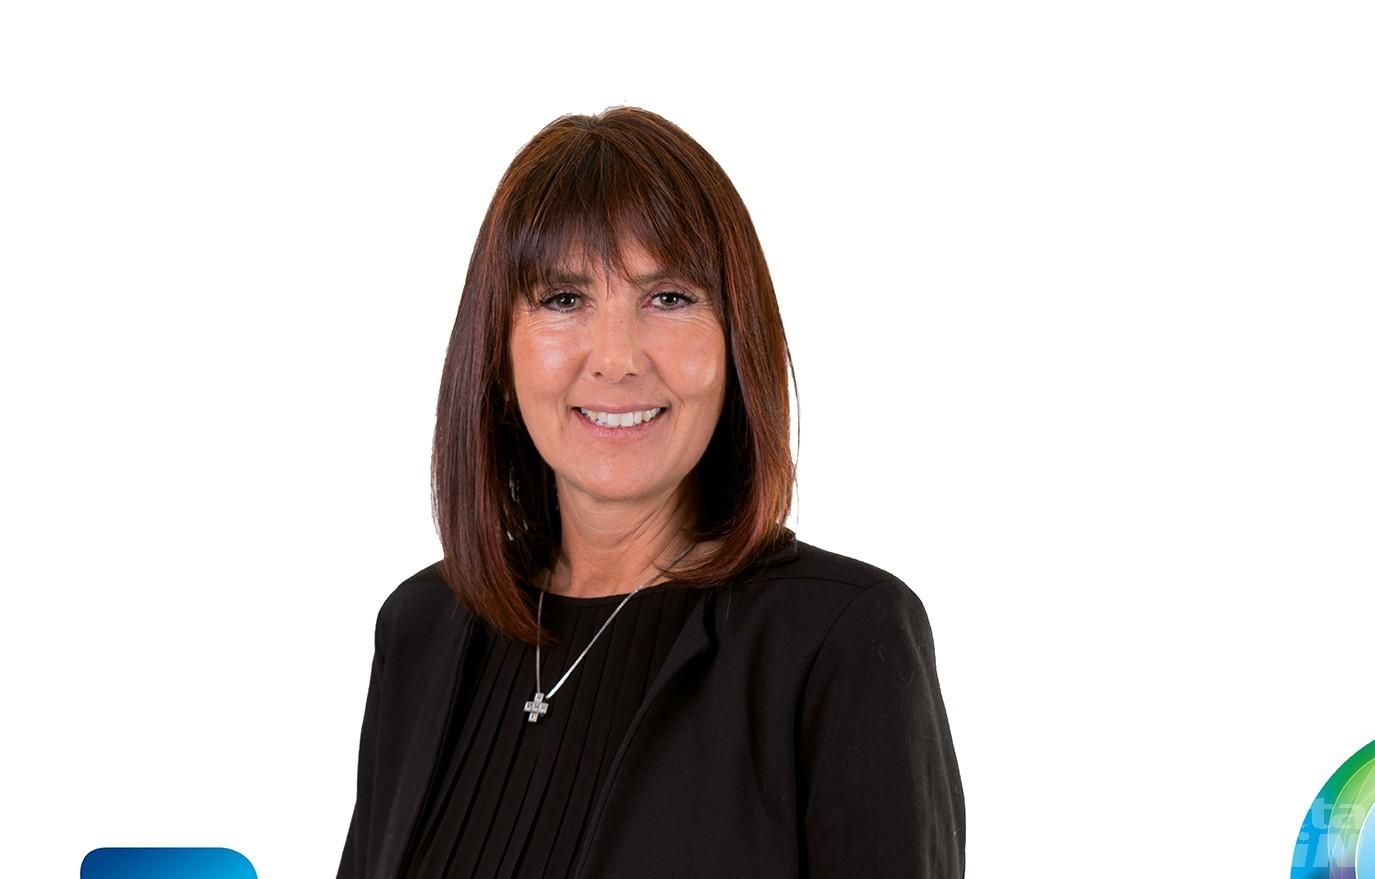 Galassi eletta vice presidente del Consiglio comunale di Aosta